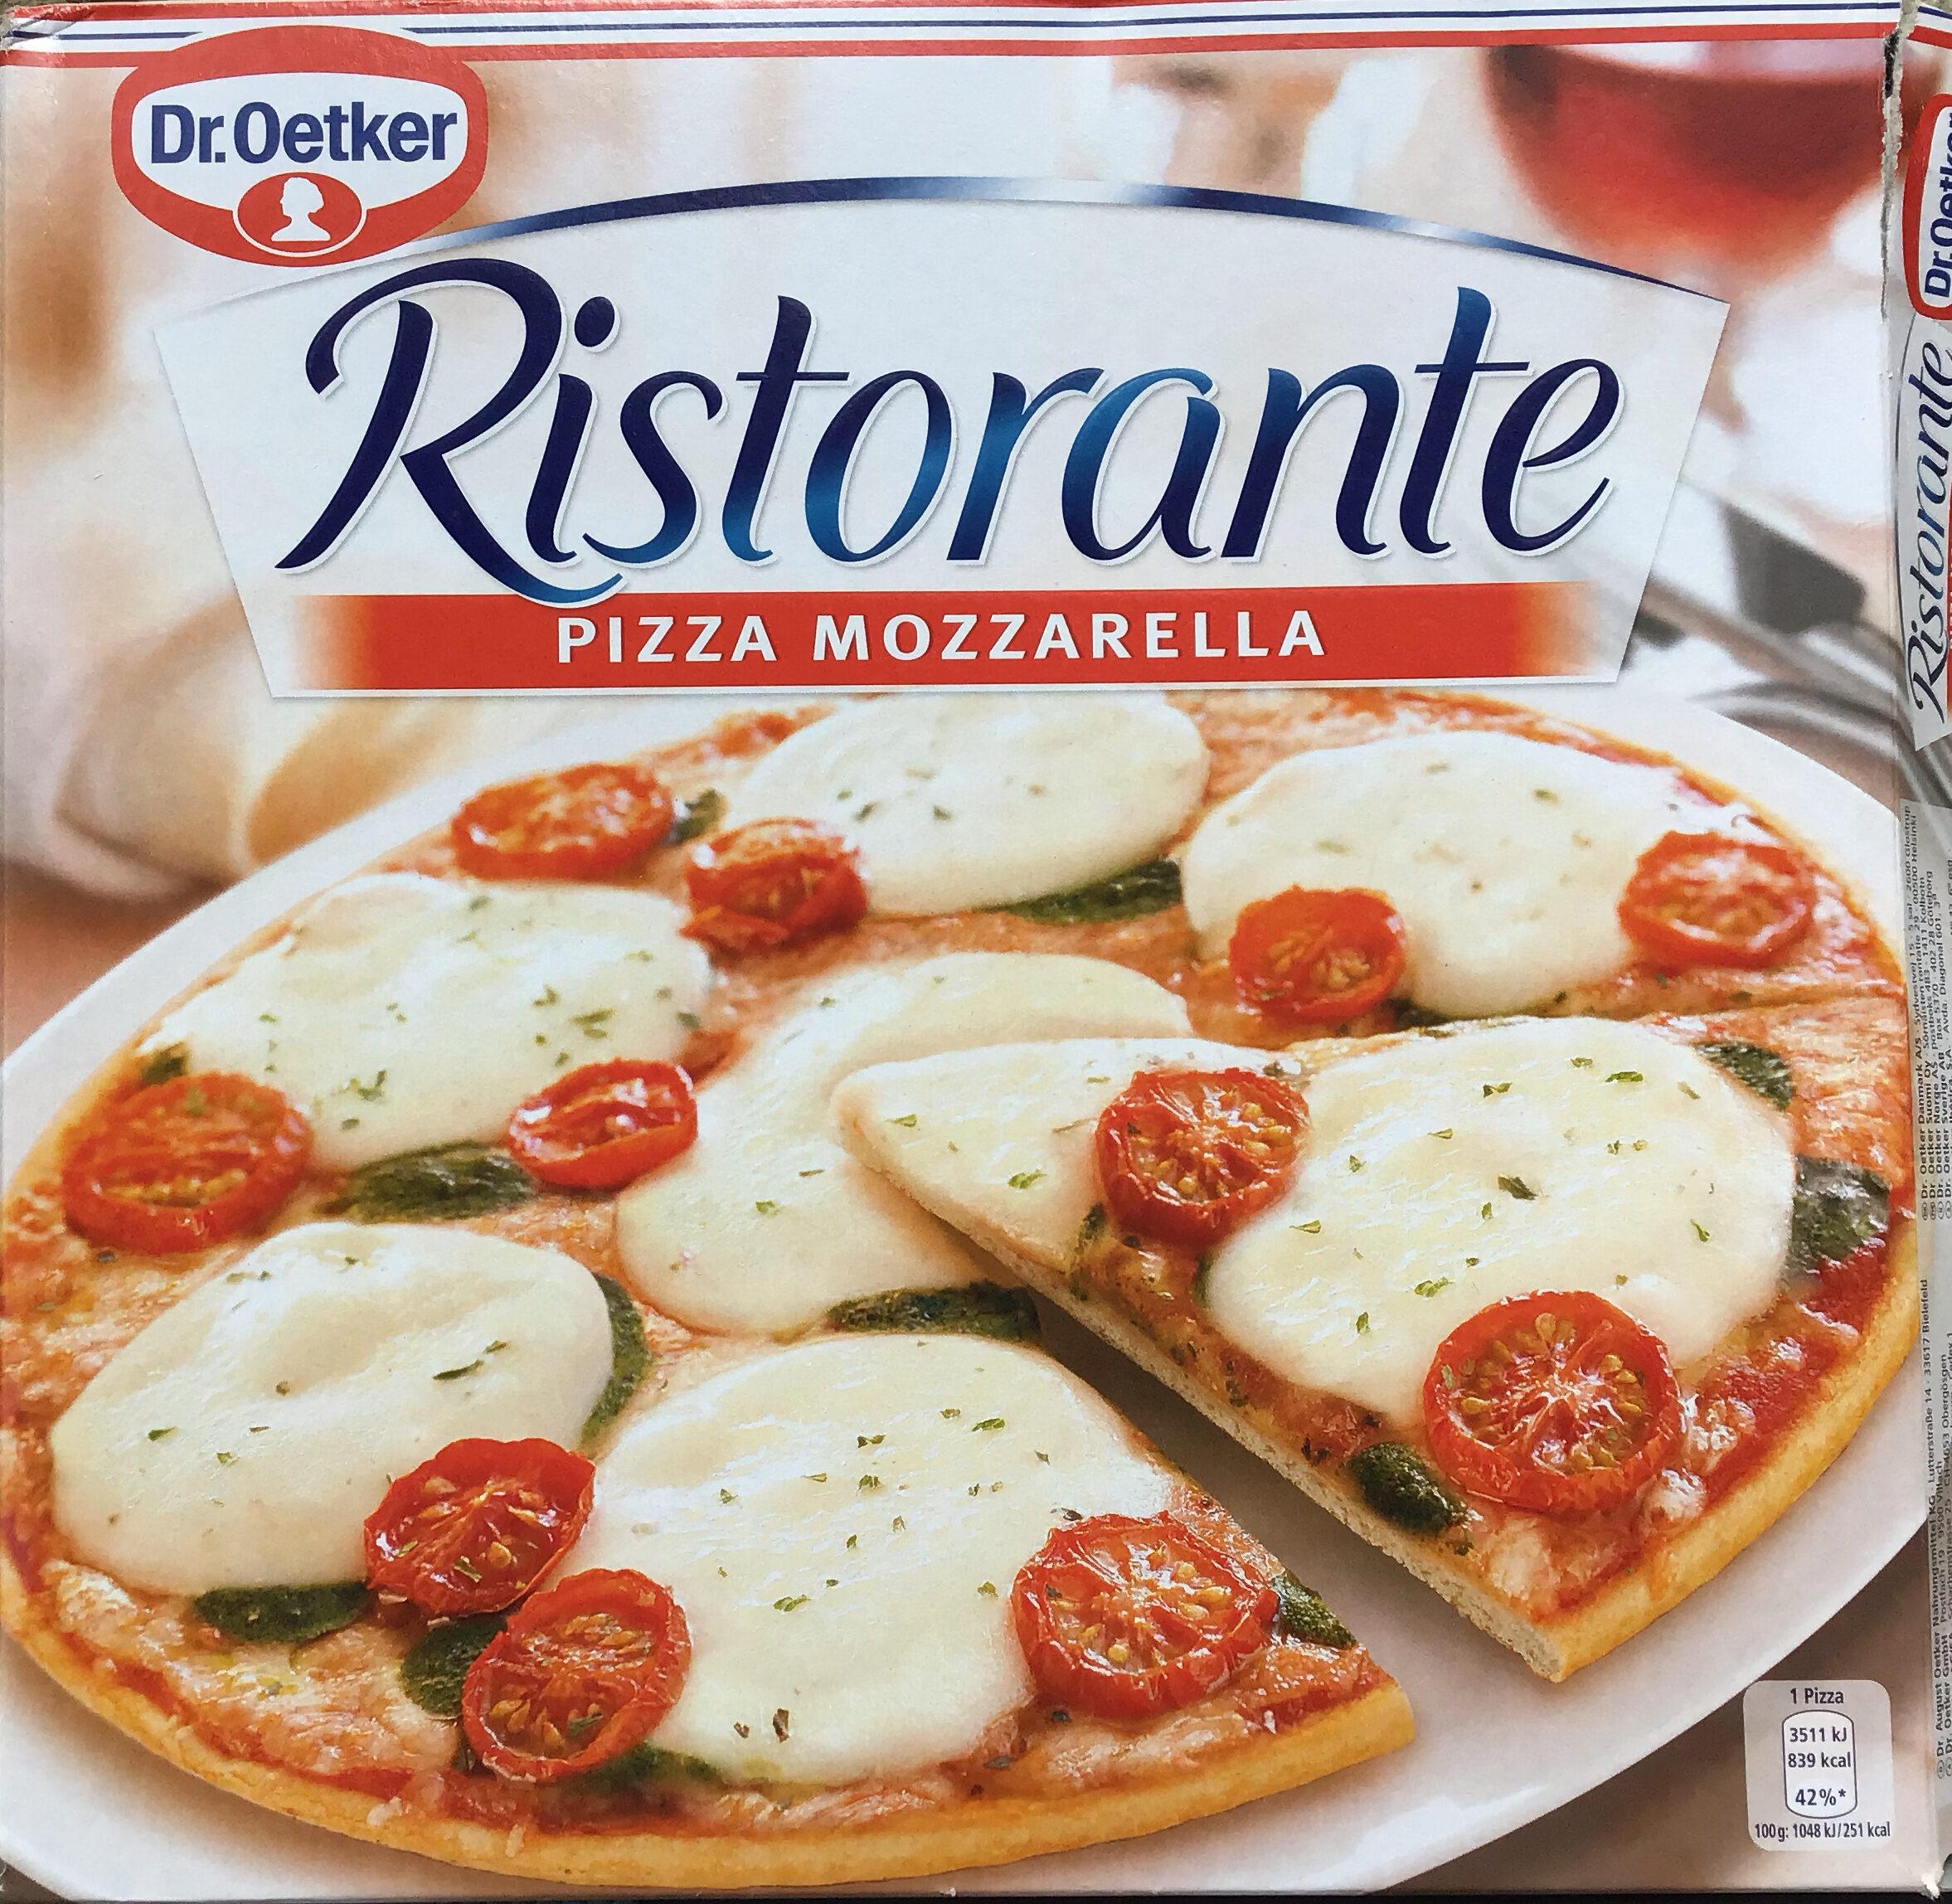 Ristorante Pizza Mozzarella - Product - en